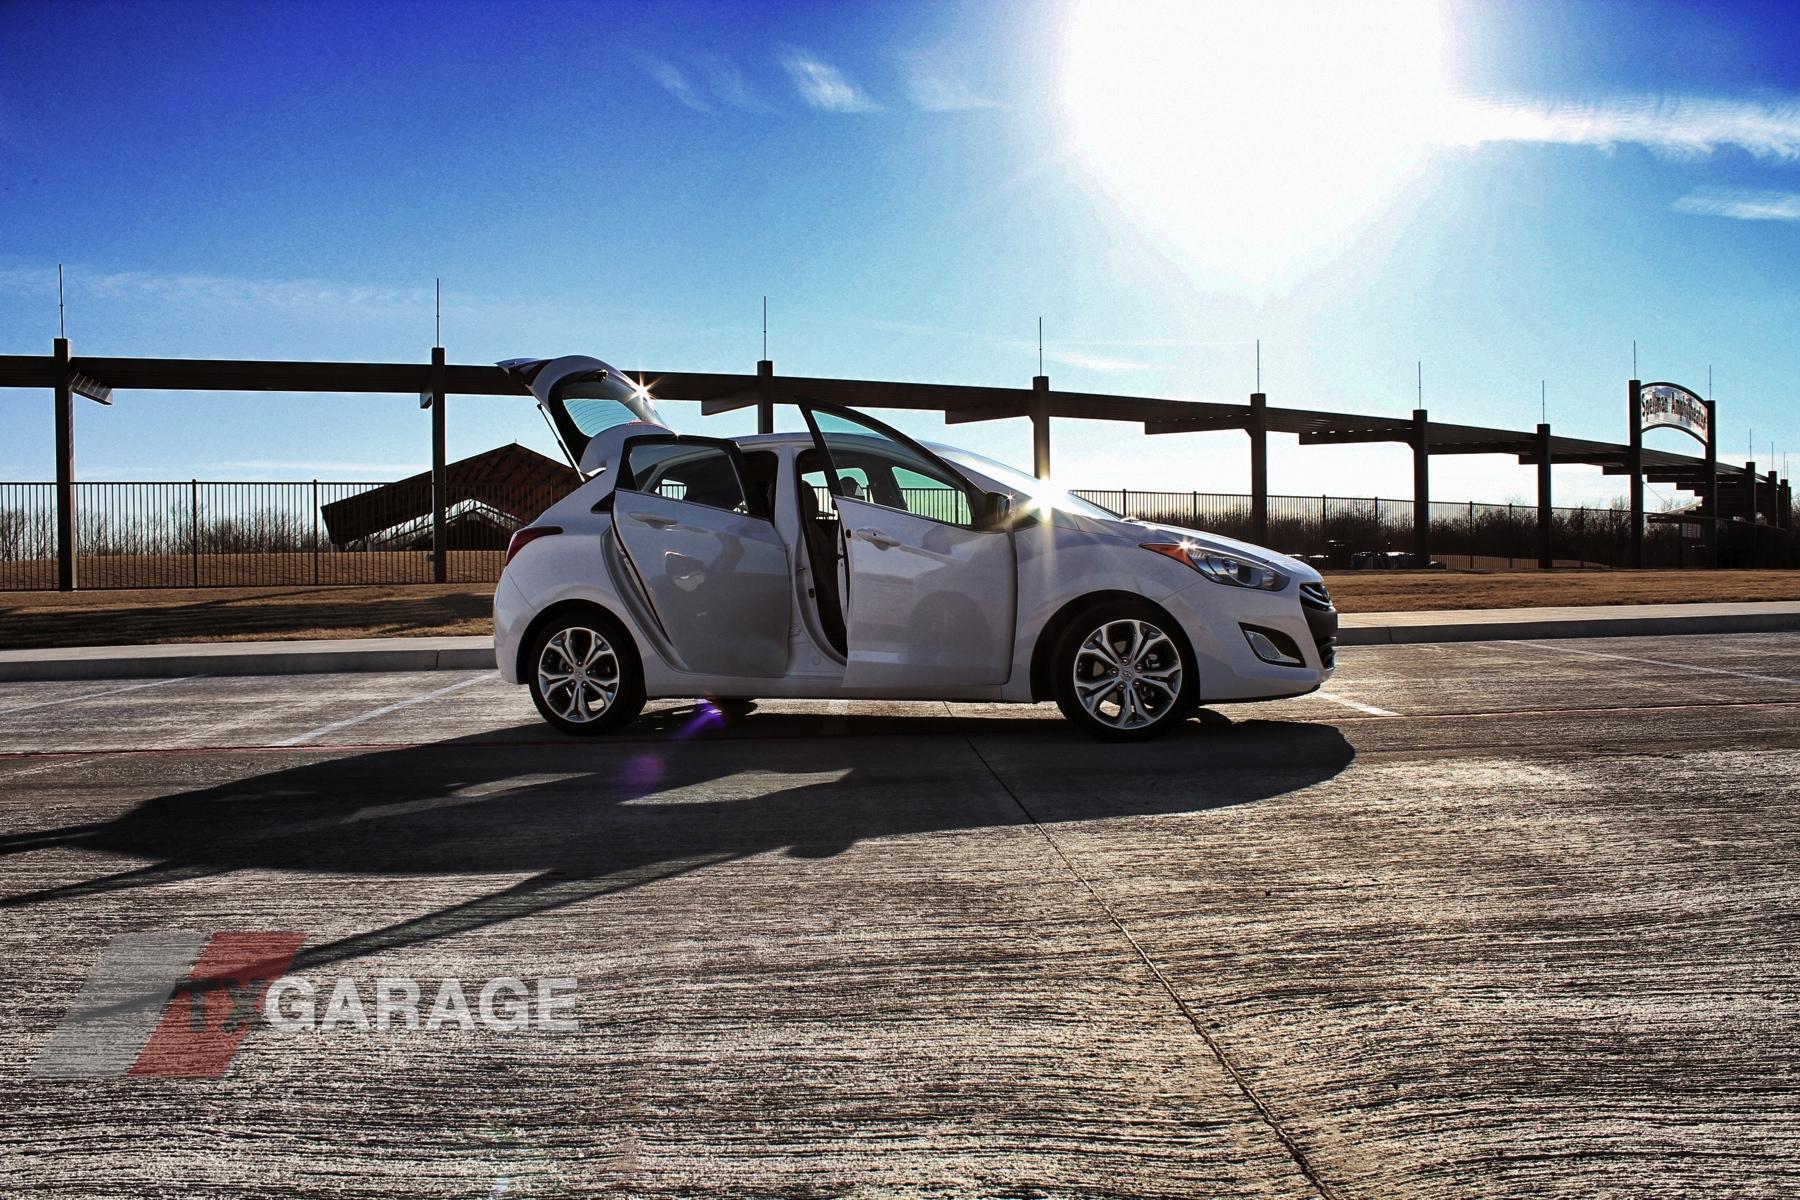 2013 Hyundai Elantra GT by txGarage